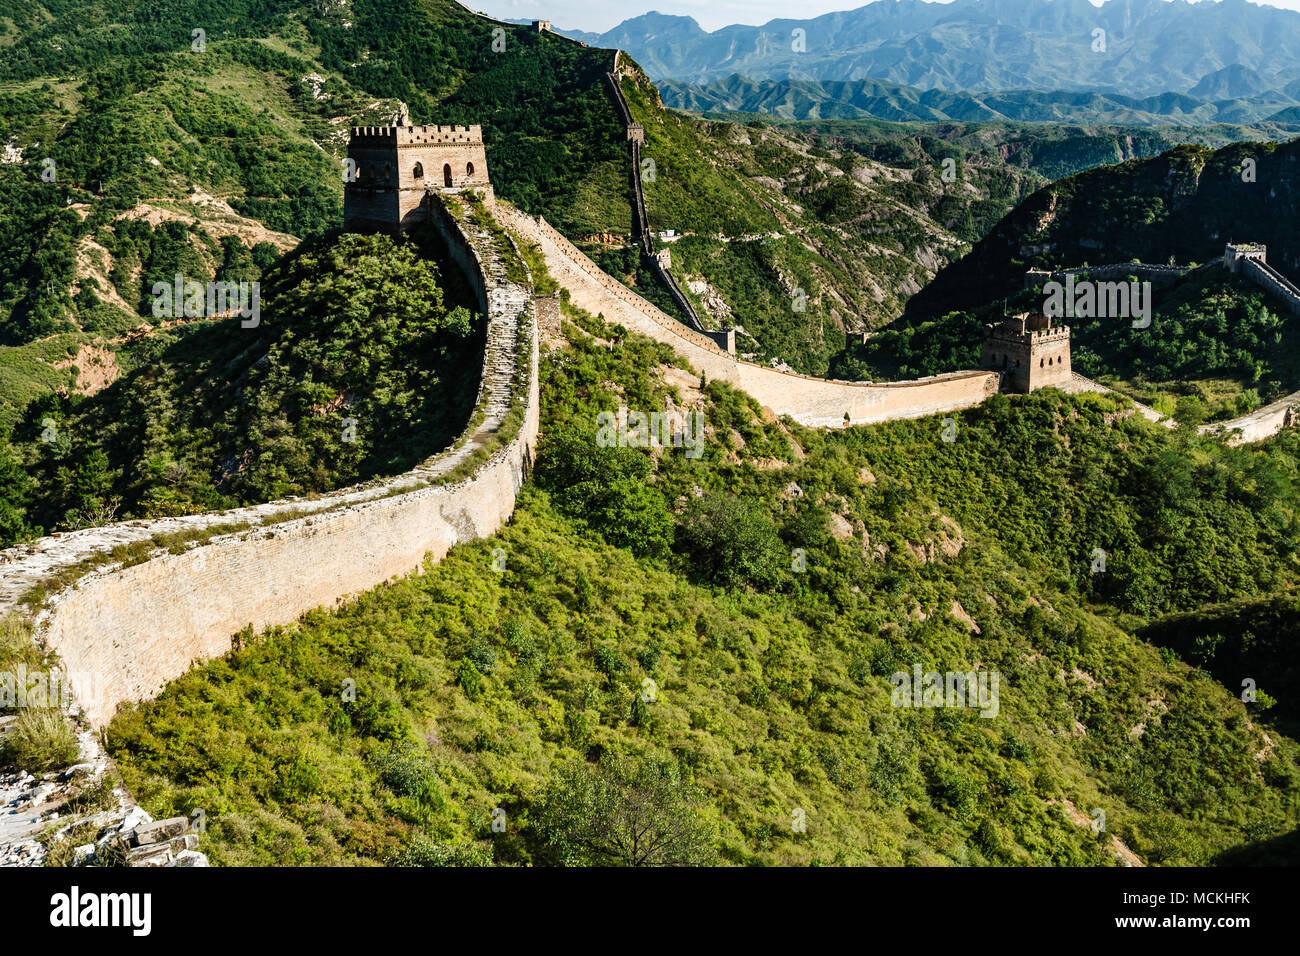 Die antike Straße an der Oberseite der Großen Mauer von China nach einem alten Turm, die an der Berge und grüne Landschaft Stockbild